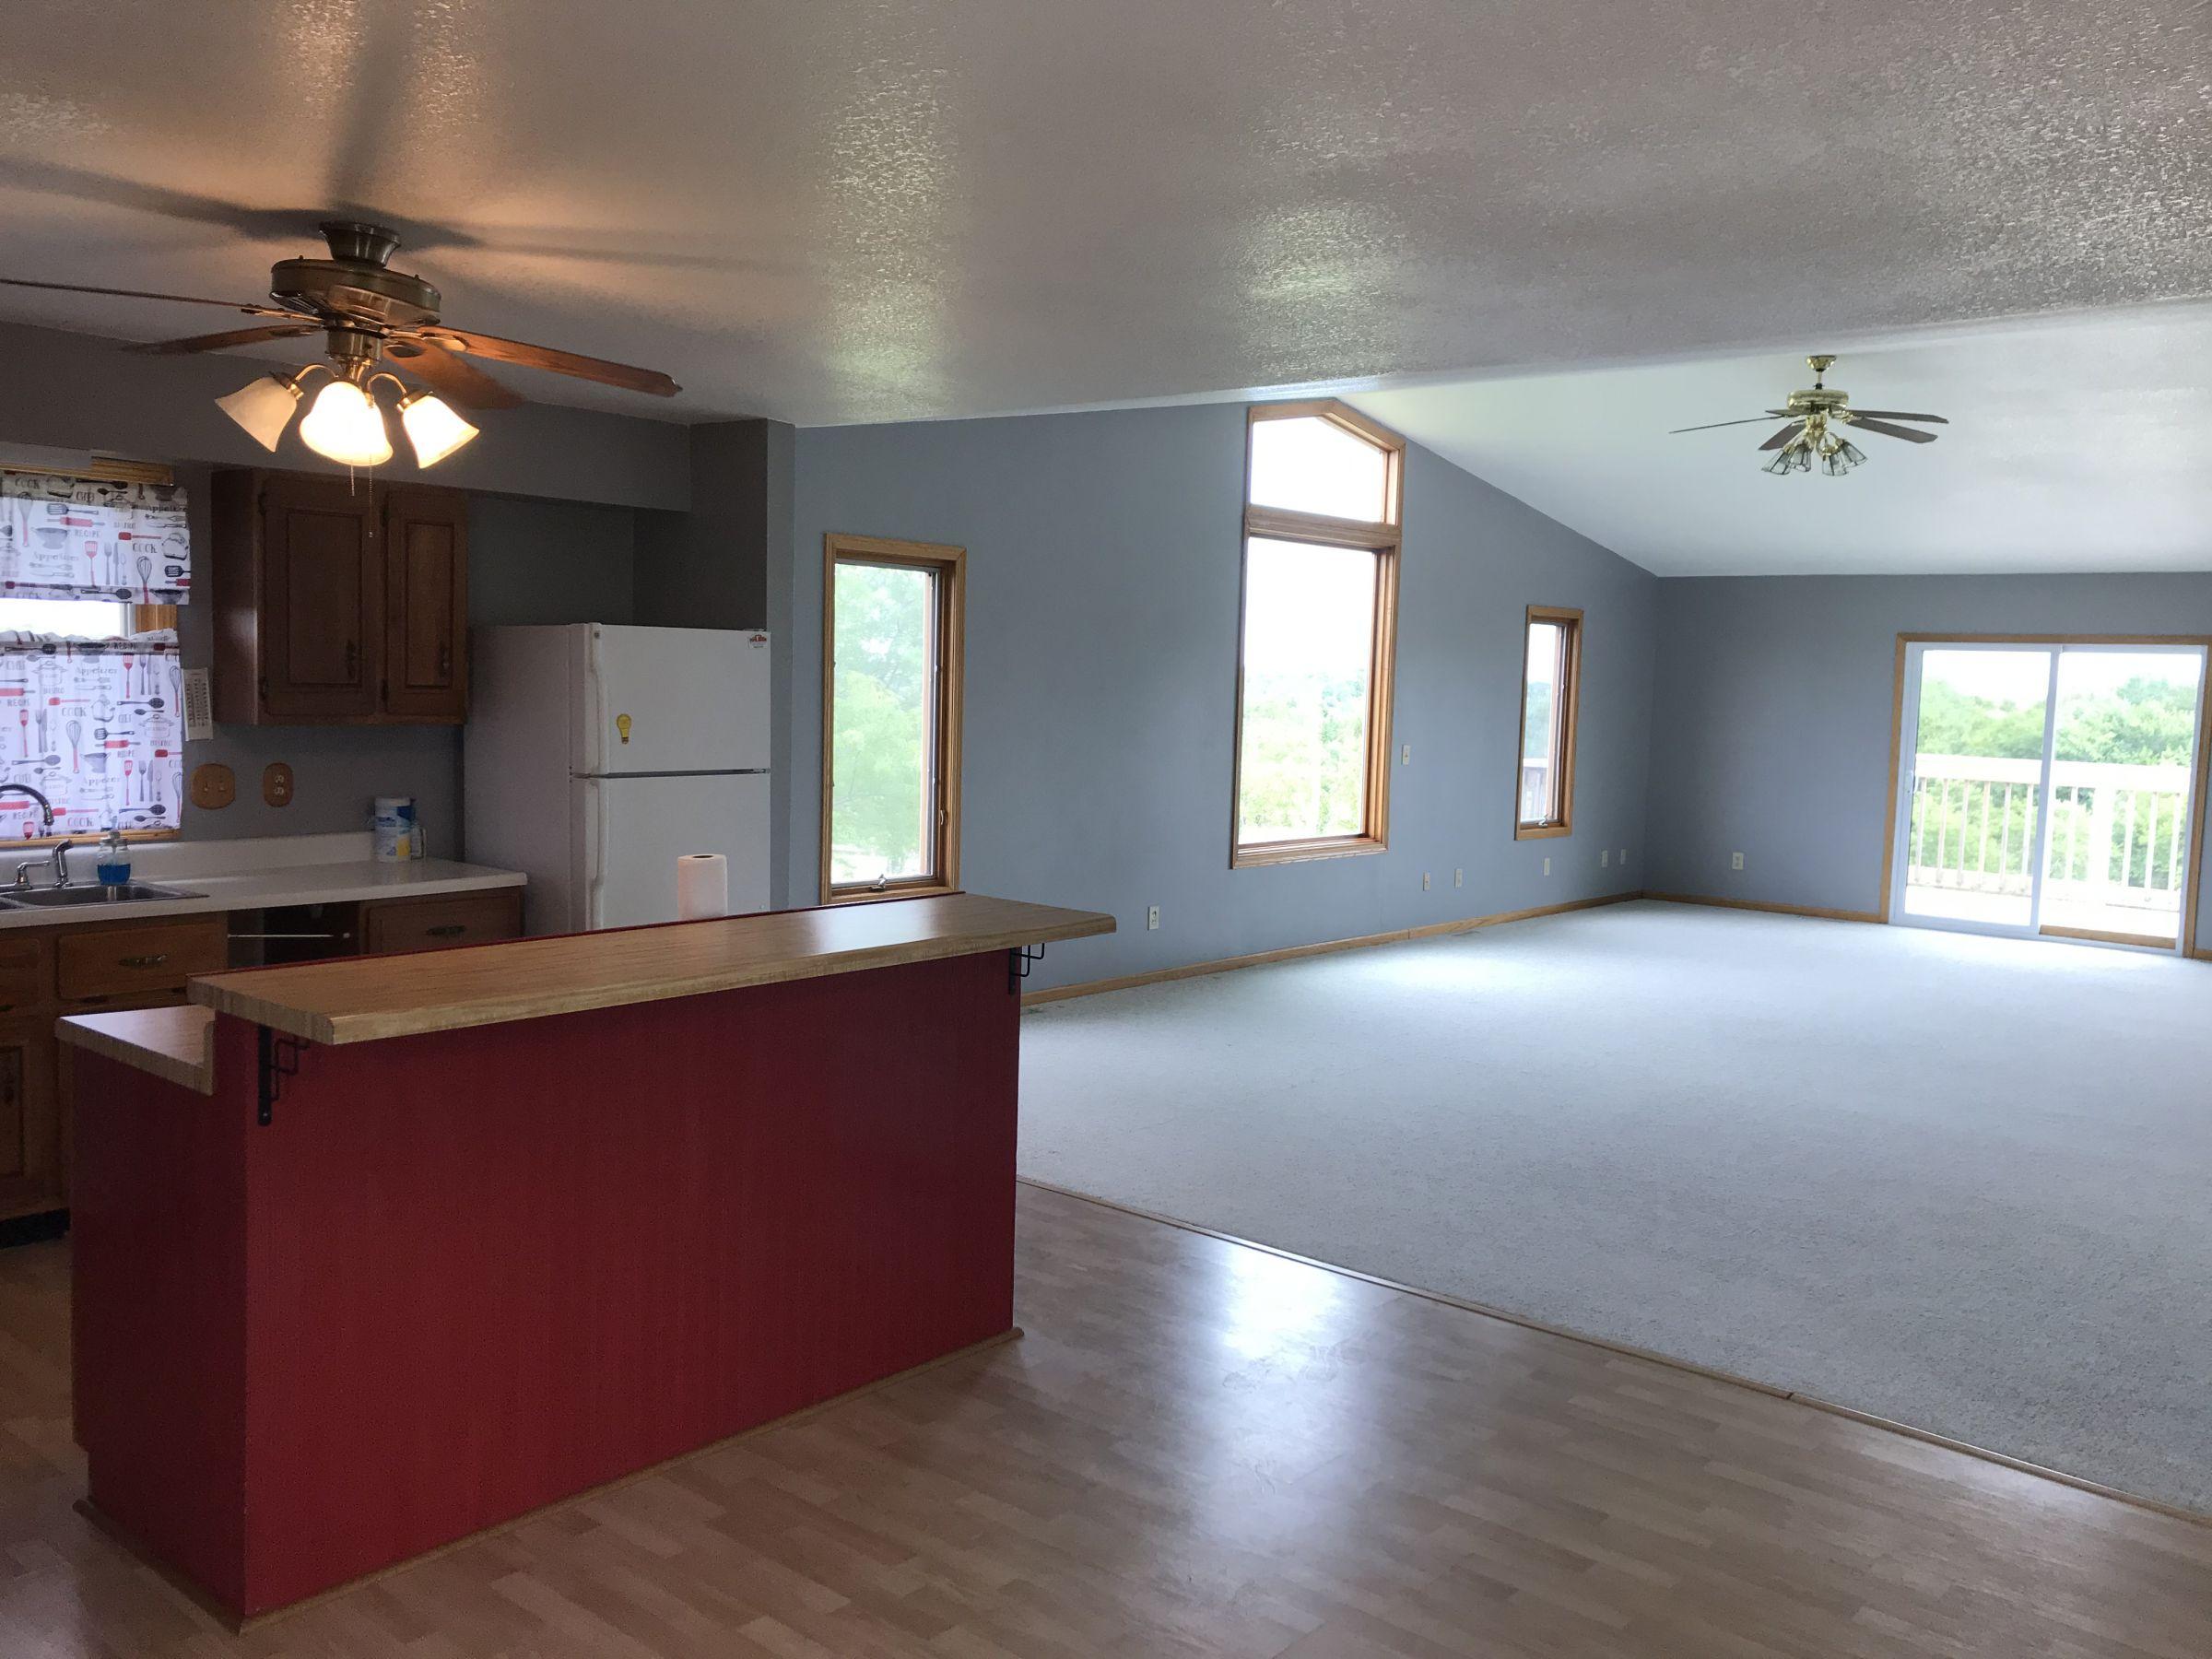 warren-county-iowa-0-acres-listing-number-15104-0-2020-08-05-204945.JPG